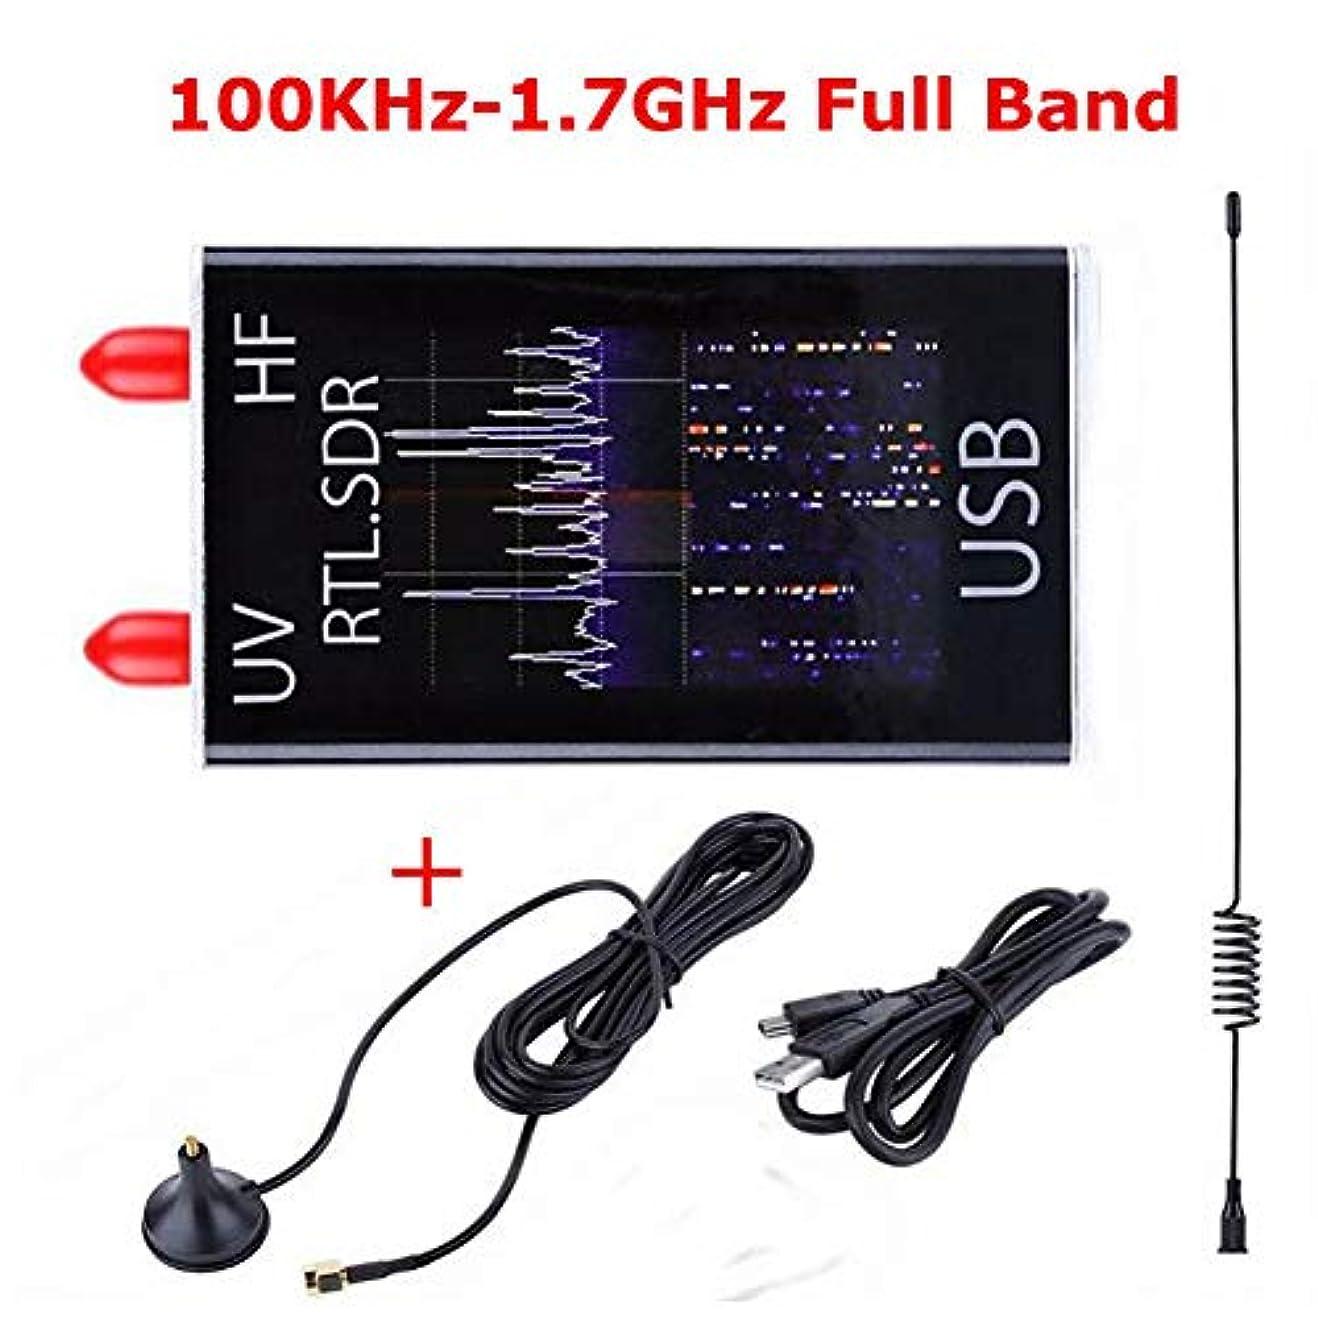 運命ピュー解釈的ACHICOO 100KHz?1.7GHzフルバンドUV HF RTL-SDR USBチューナーレシーバ/ R820T + 8232ハムラジオ